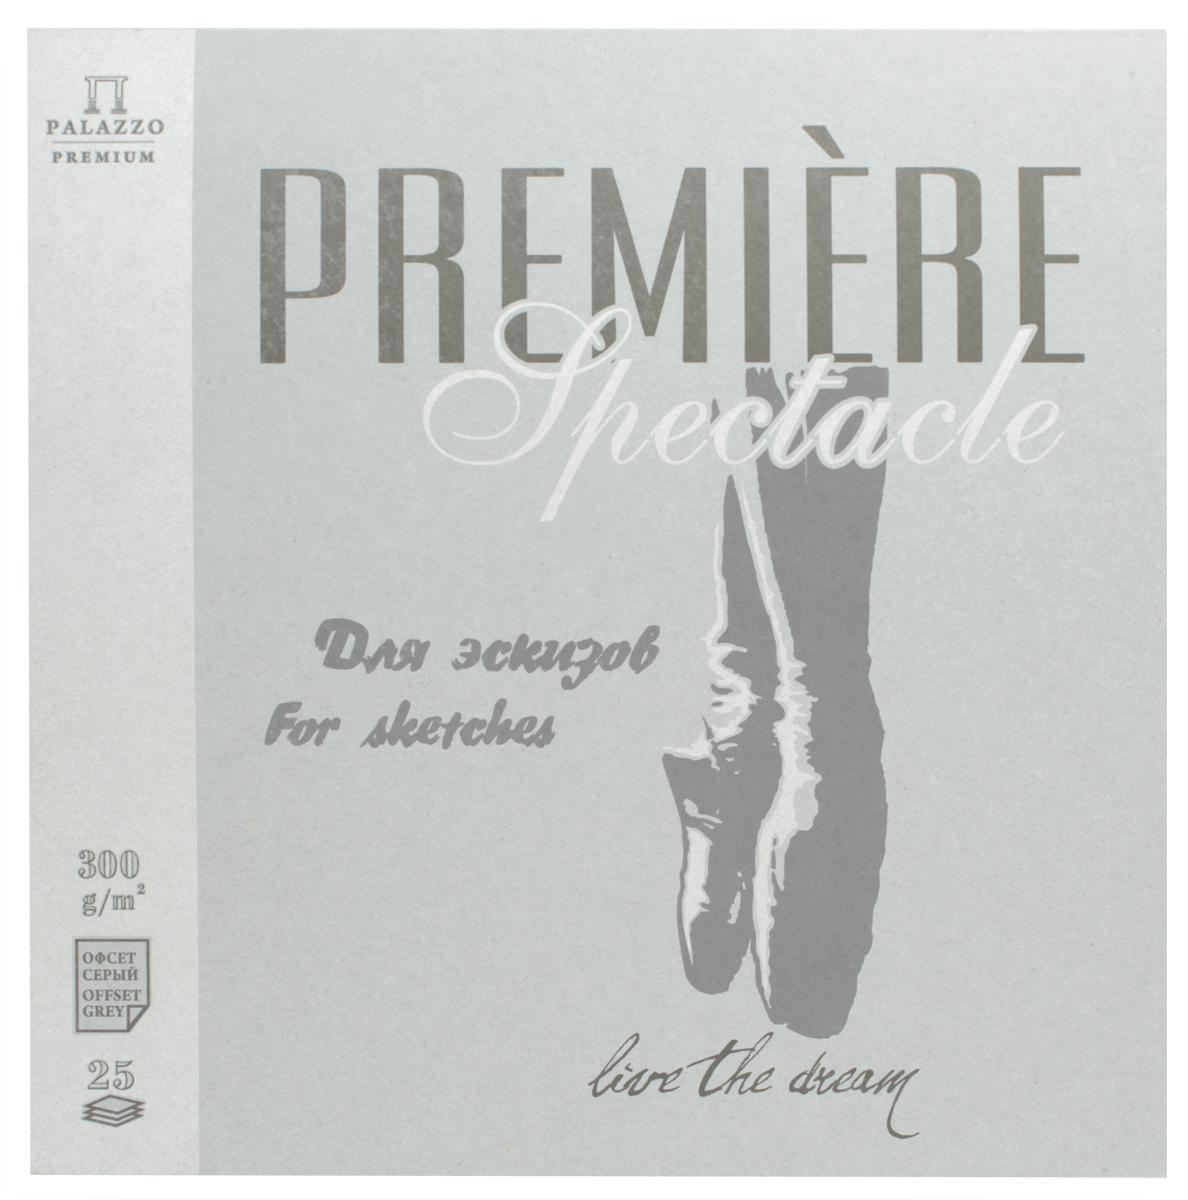 Палаццо Альбом для эскизов Premiere Spectacle 25 листов принадлежности для рисования палаццо блокнот для эскизов котенок а5 50 листов